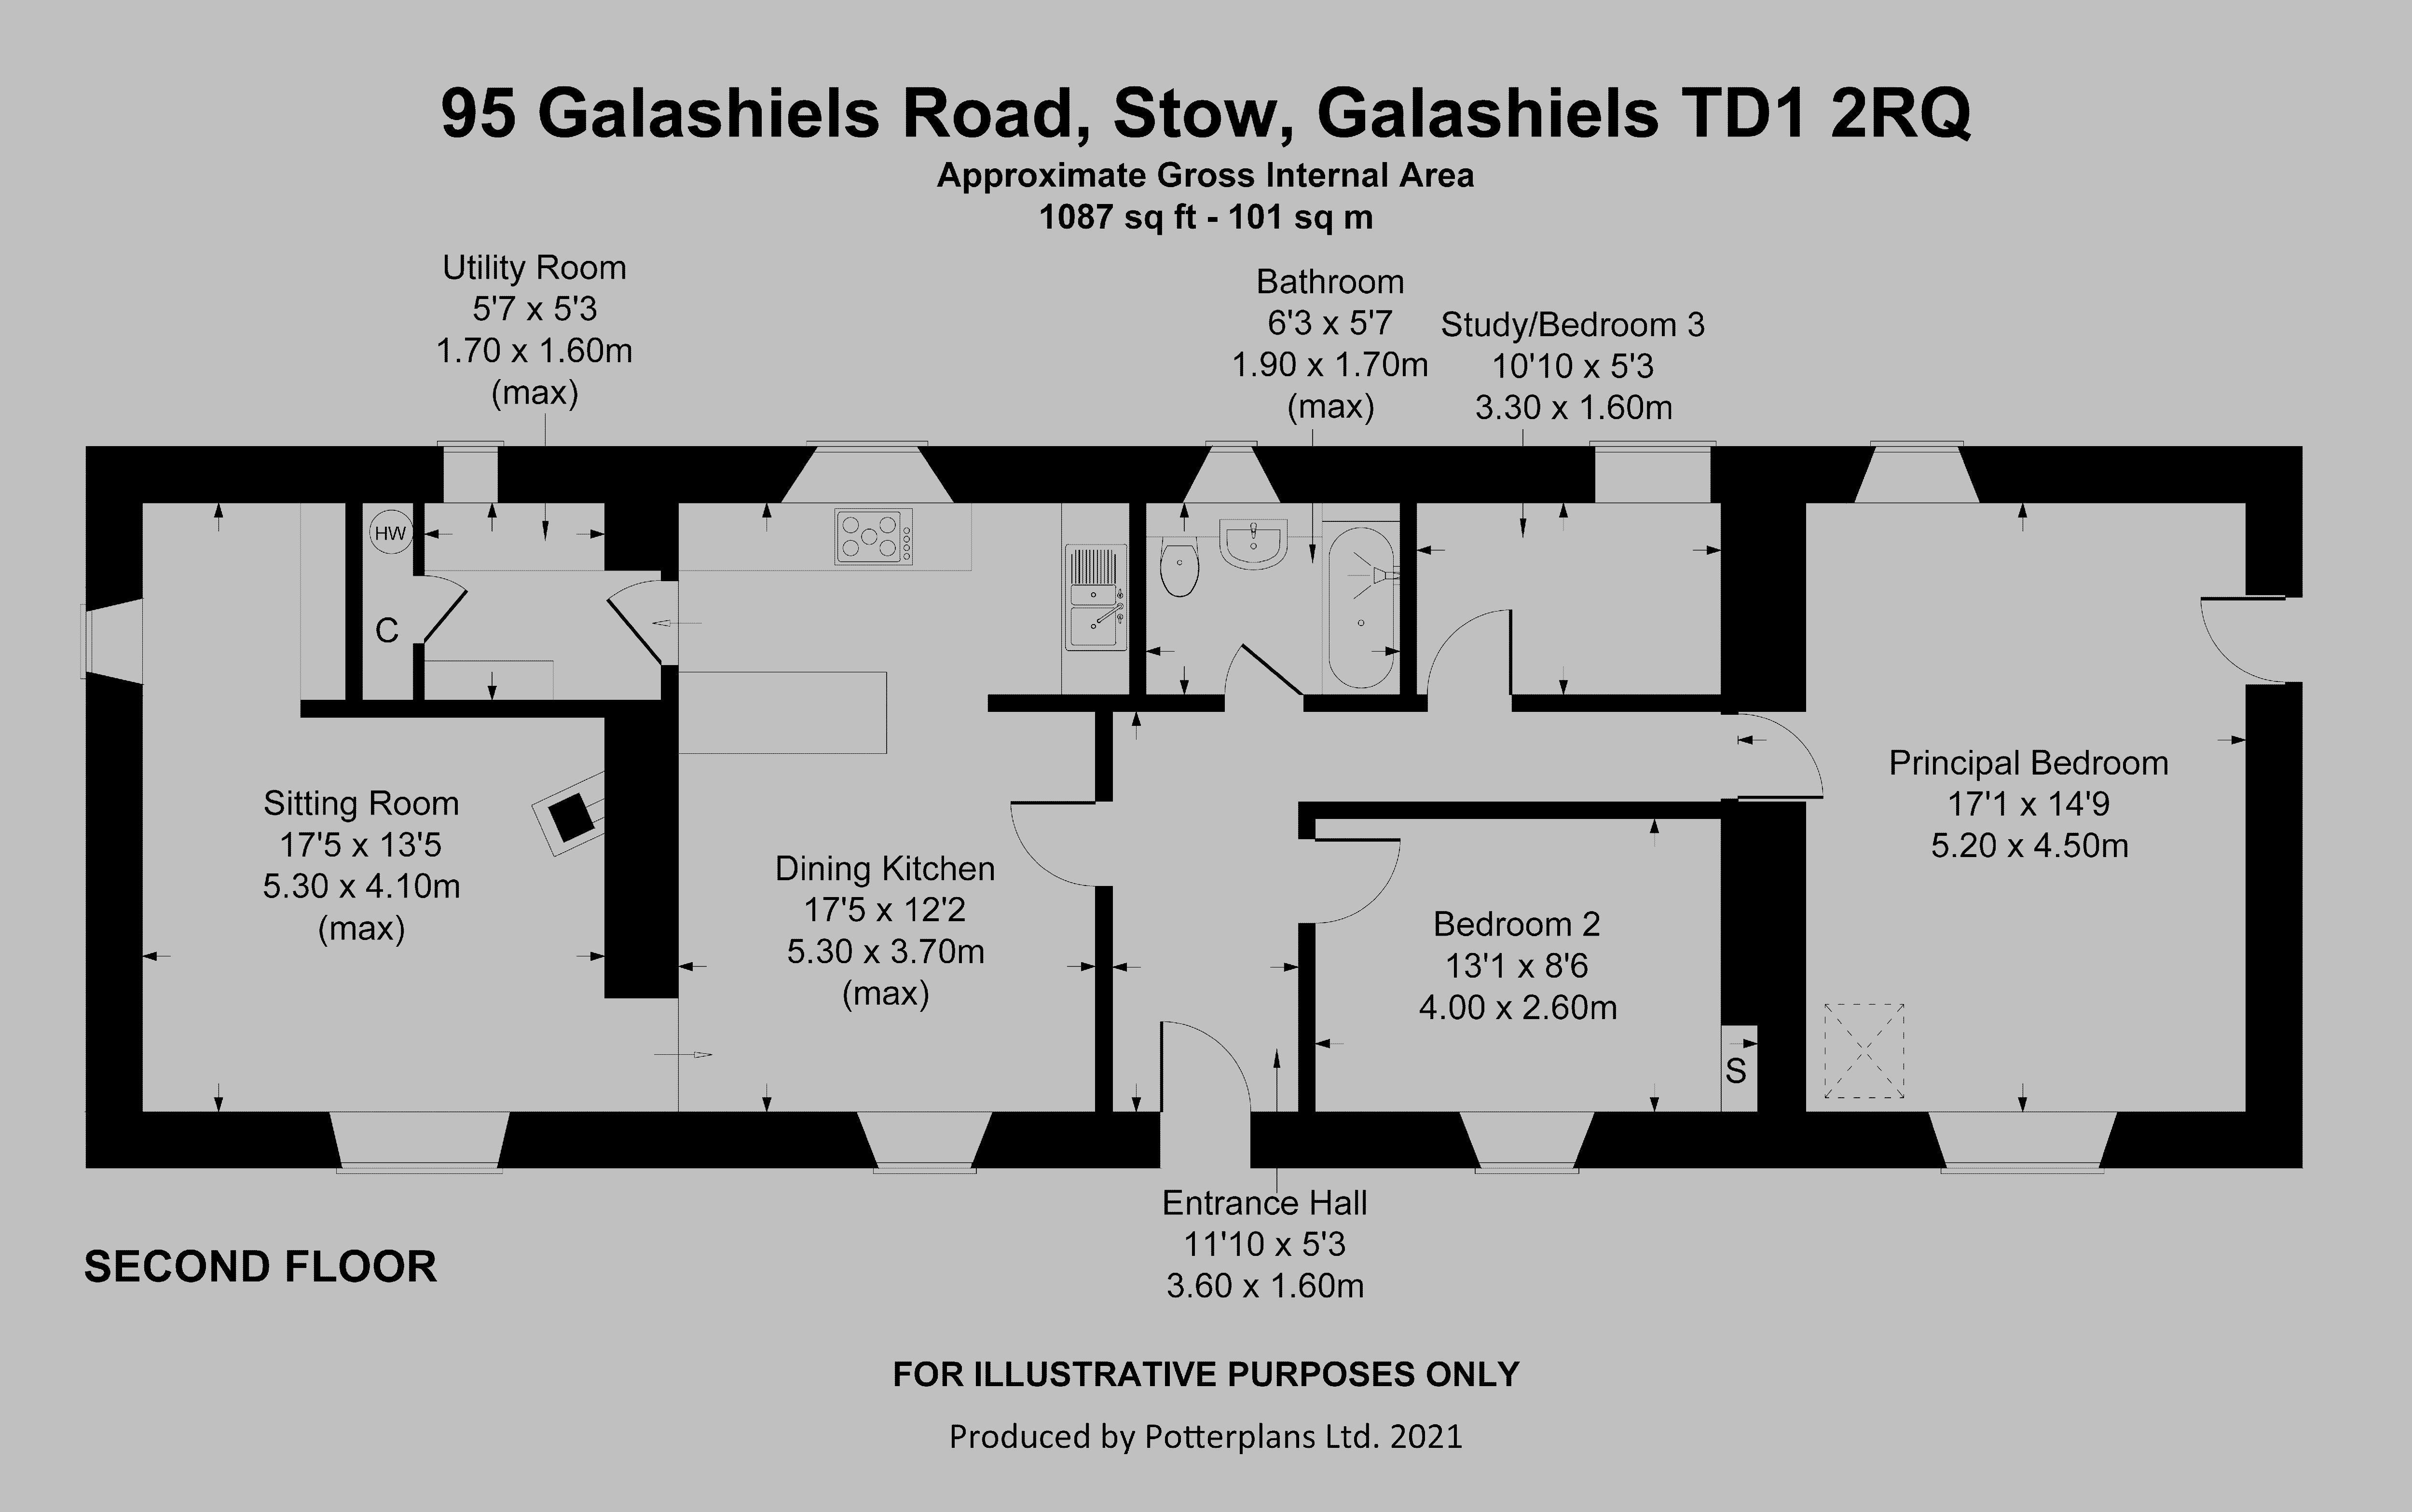 95 Galashiels Road Ground Floor